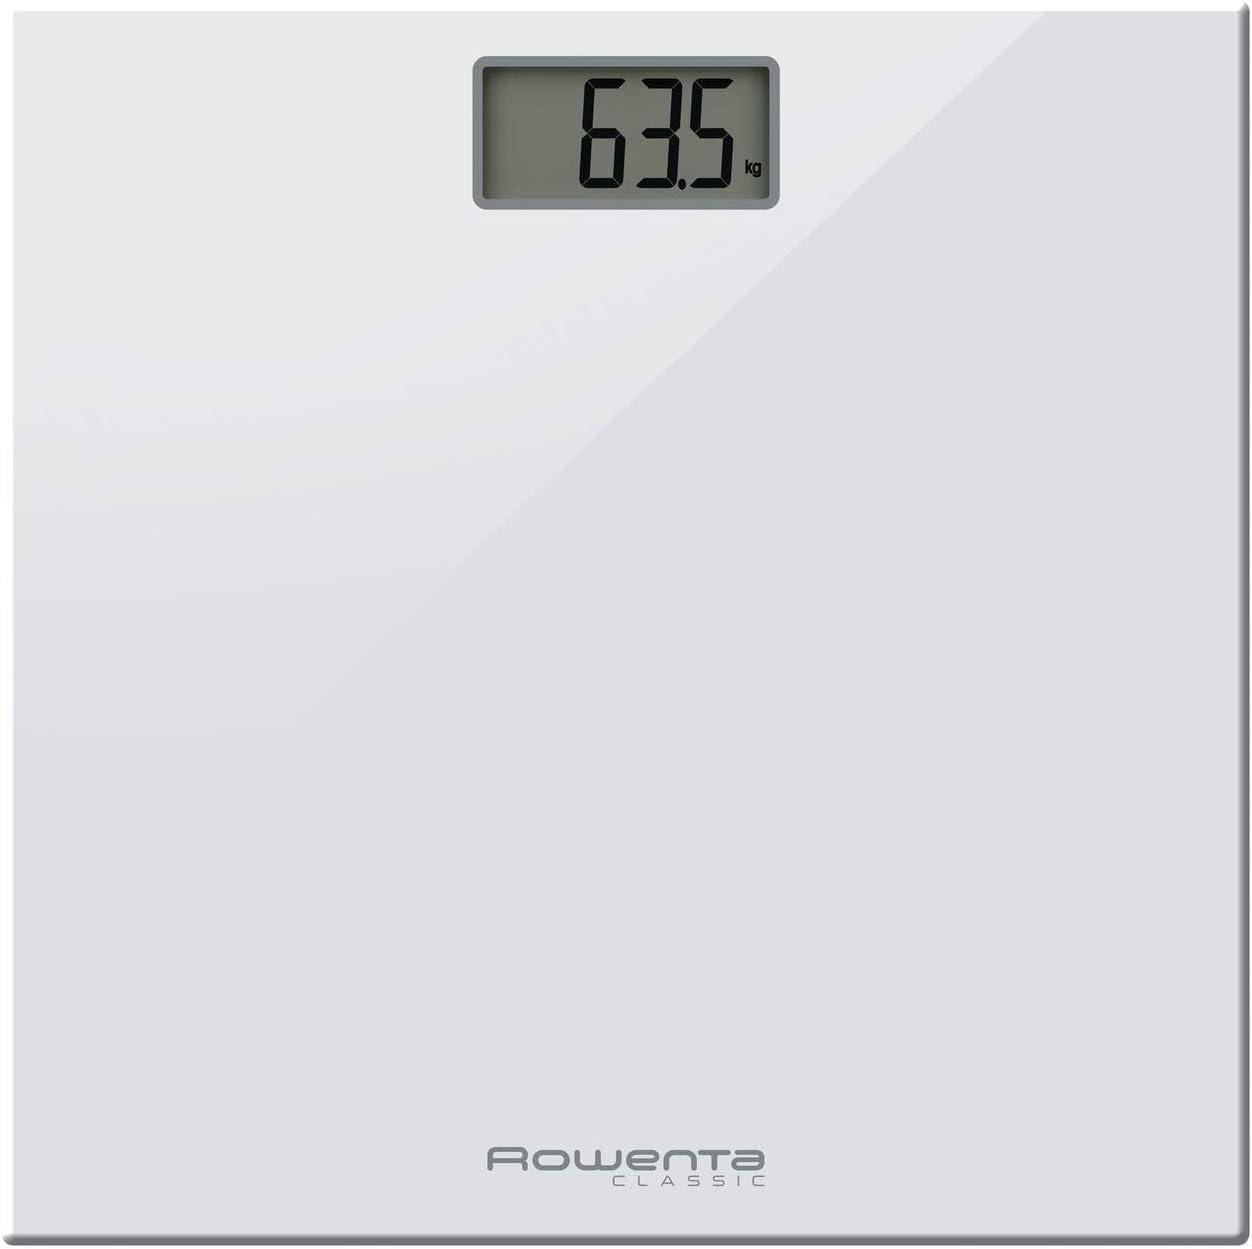 Rowenta Classic BS1131 - Báscula digital, con pantalla LCD, compacta, capacidad de 160 kg, plataforma de vidrio, apagado automático e incluye pilas